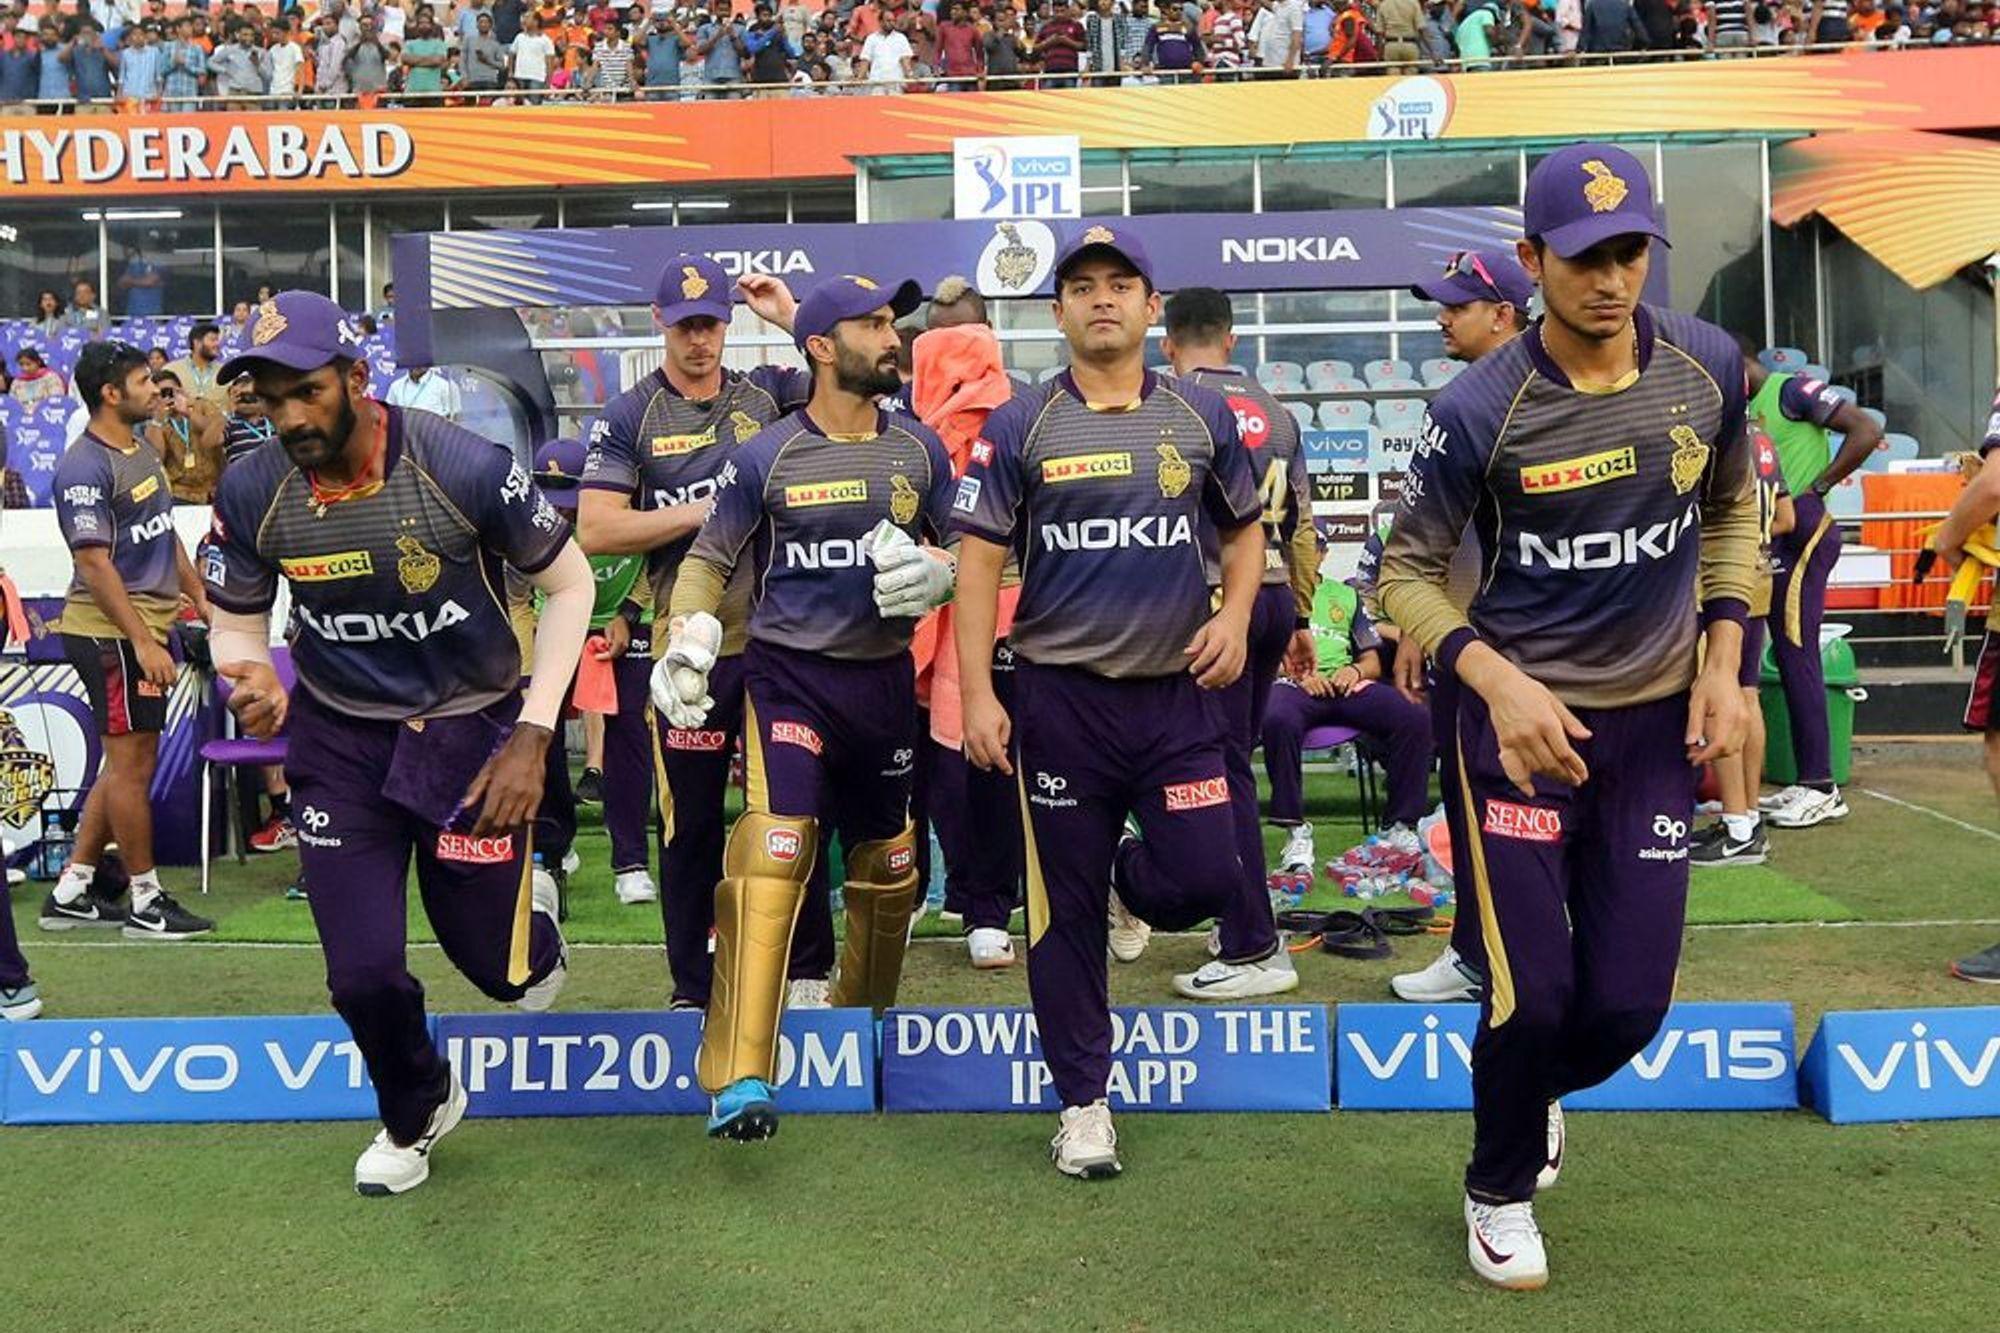 IPL 2019: सनराइजर्स हैदराबाद के खिलाफ कोलकाता नाईट राइडर्स की हार के ये रहे 3 प्रमुख कारण